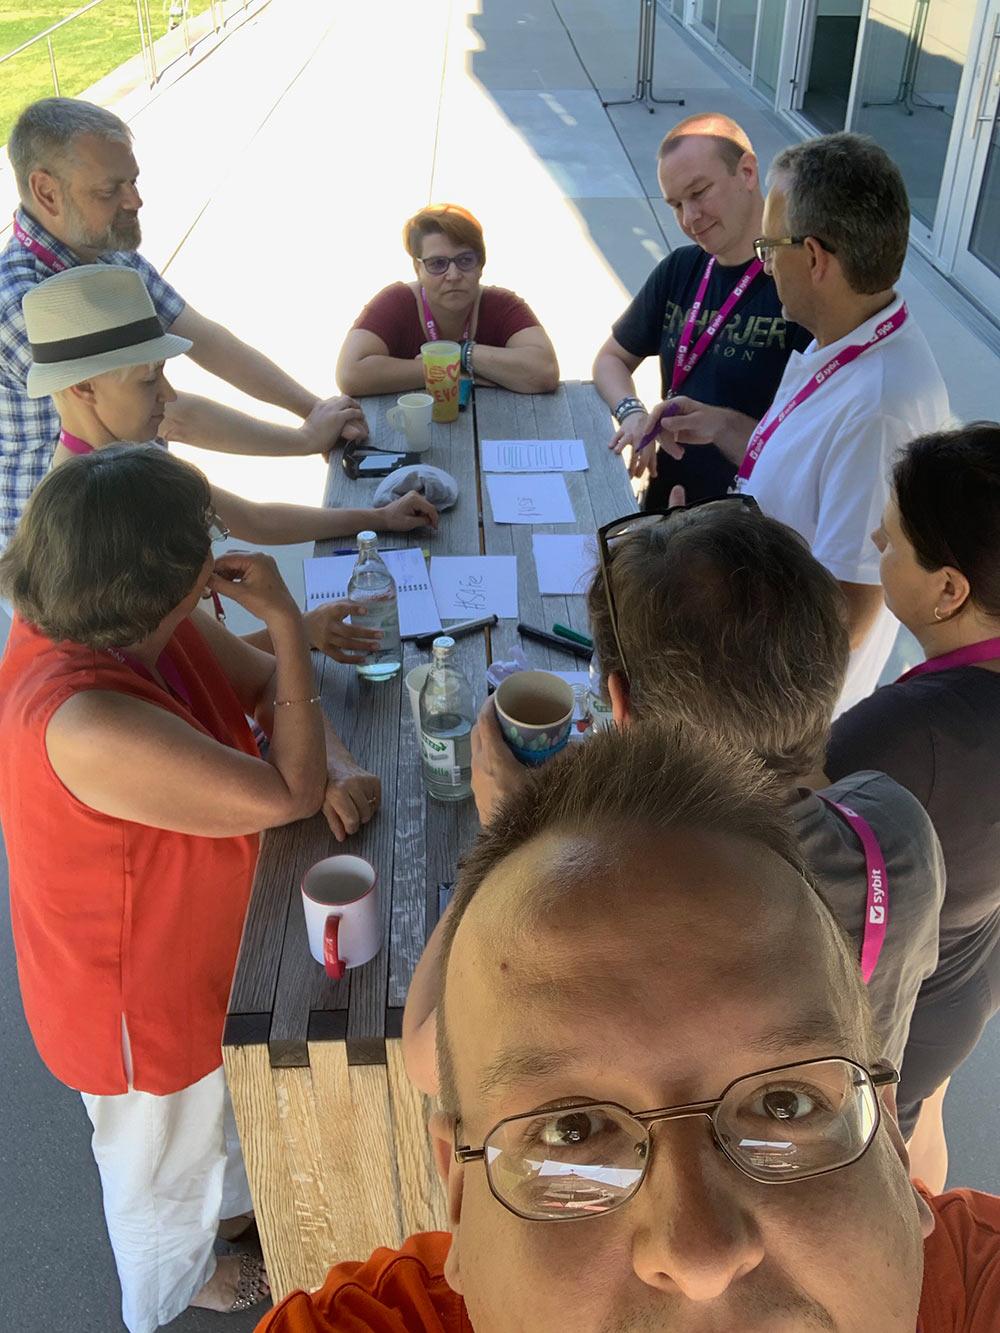 bcbs19 15 - Barcamp Bodensee 2019 - mein Rückblick